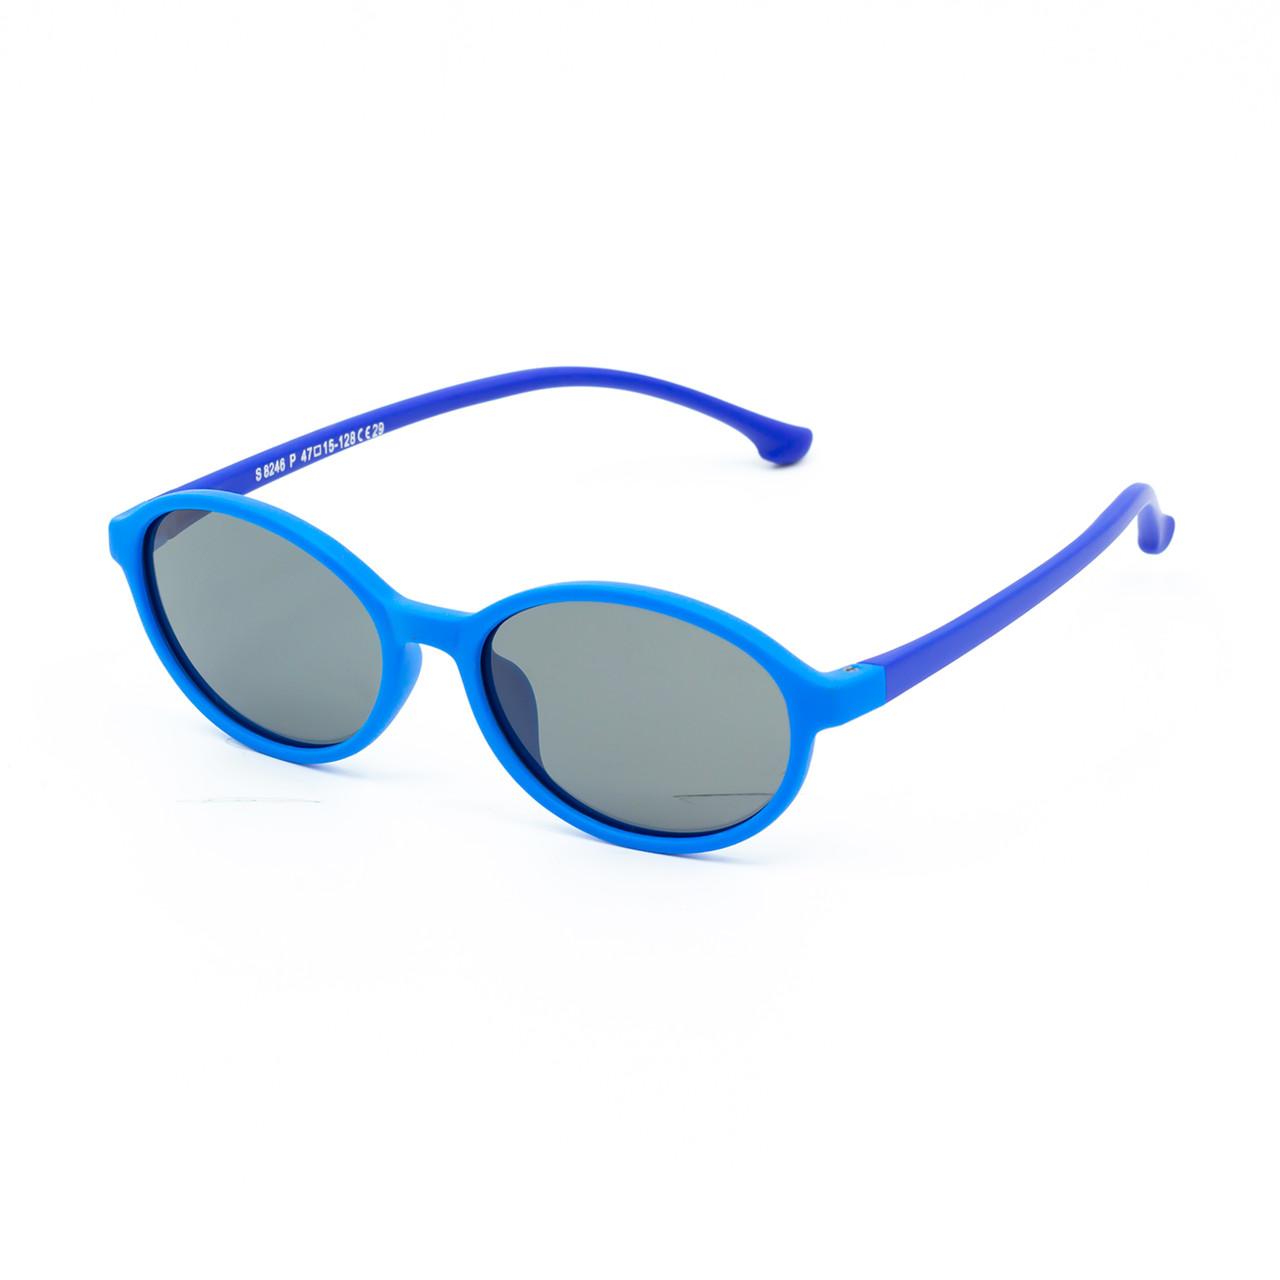 Солнцезащитные очки Marmilen S8246P C29 голубые с синим    ( KAS8246P-29 )